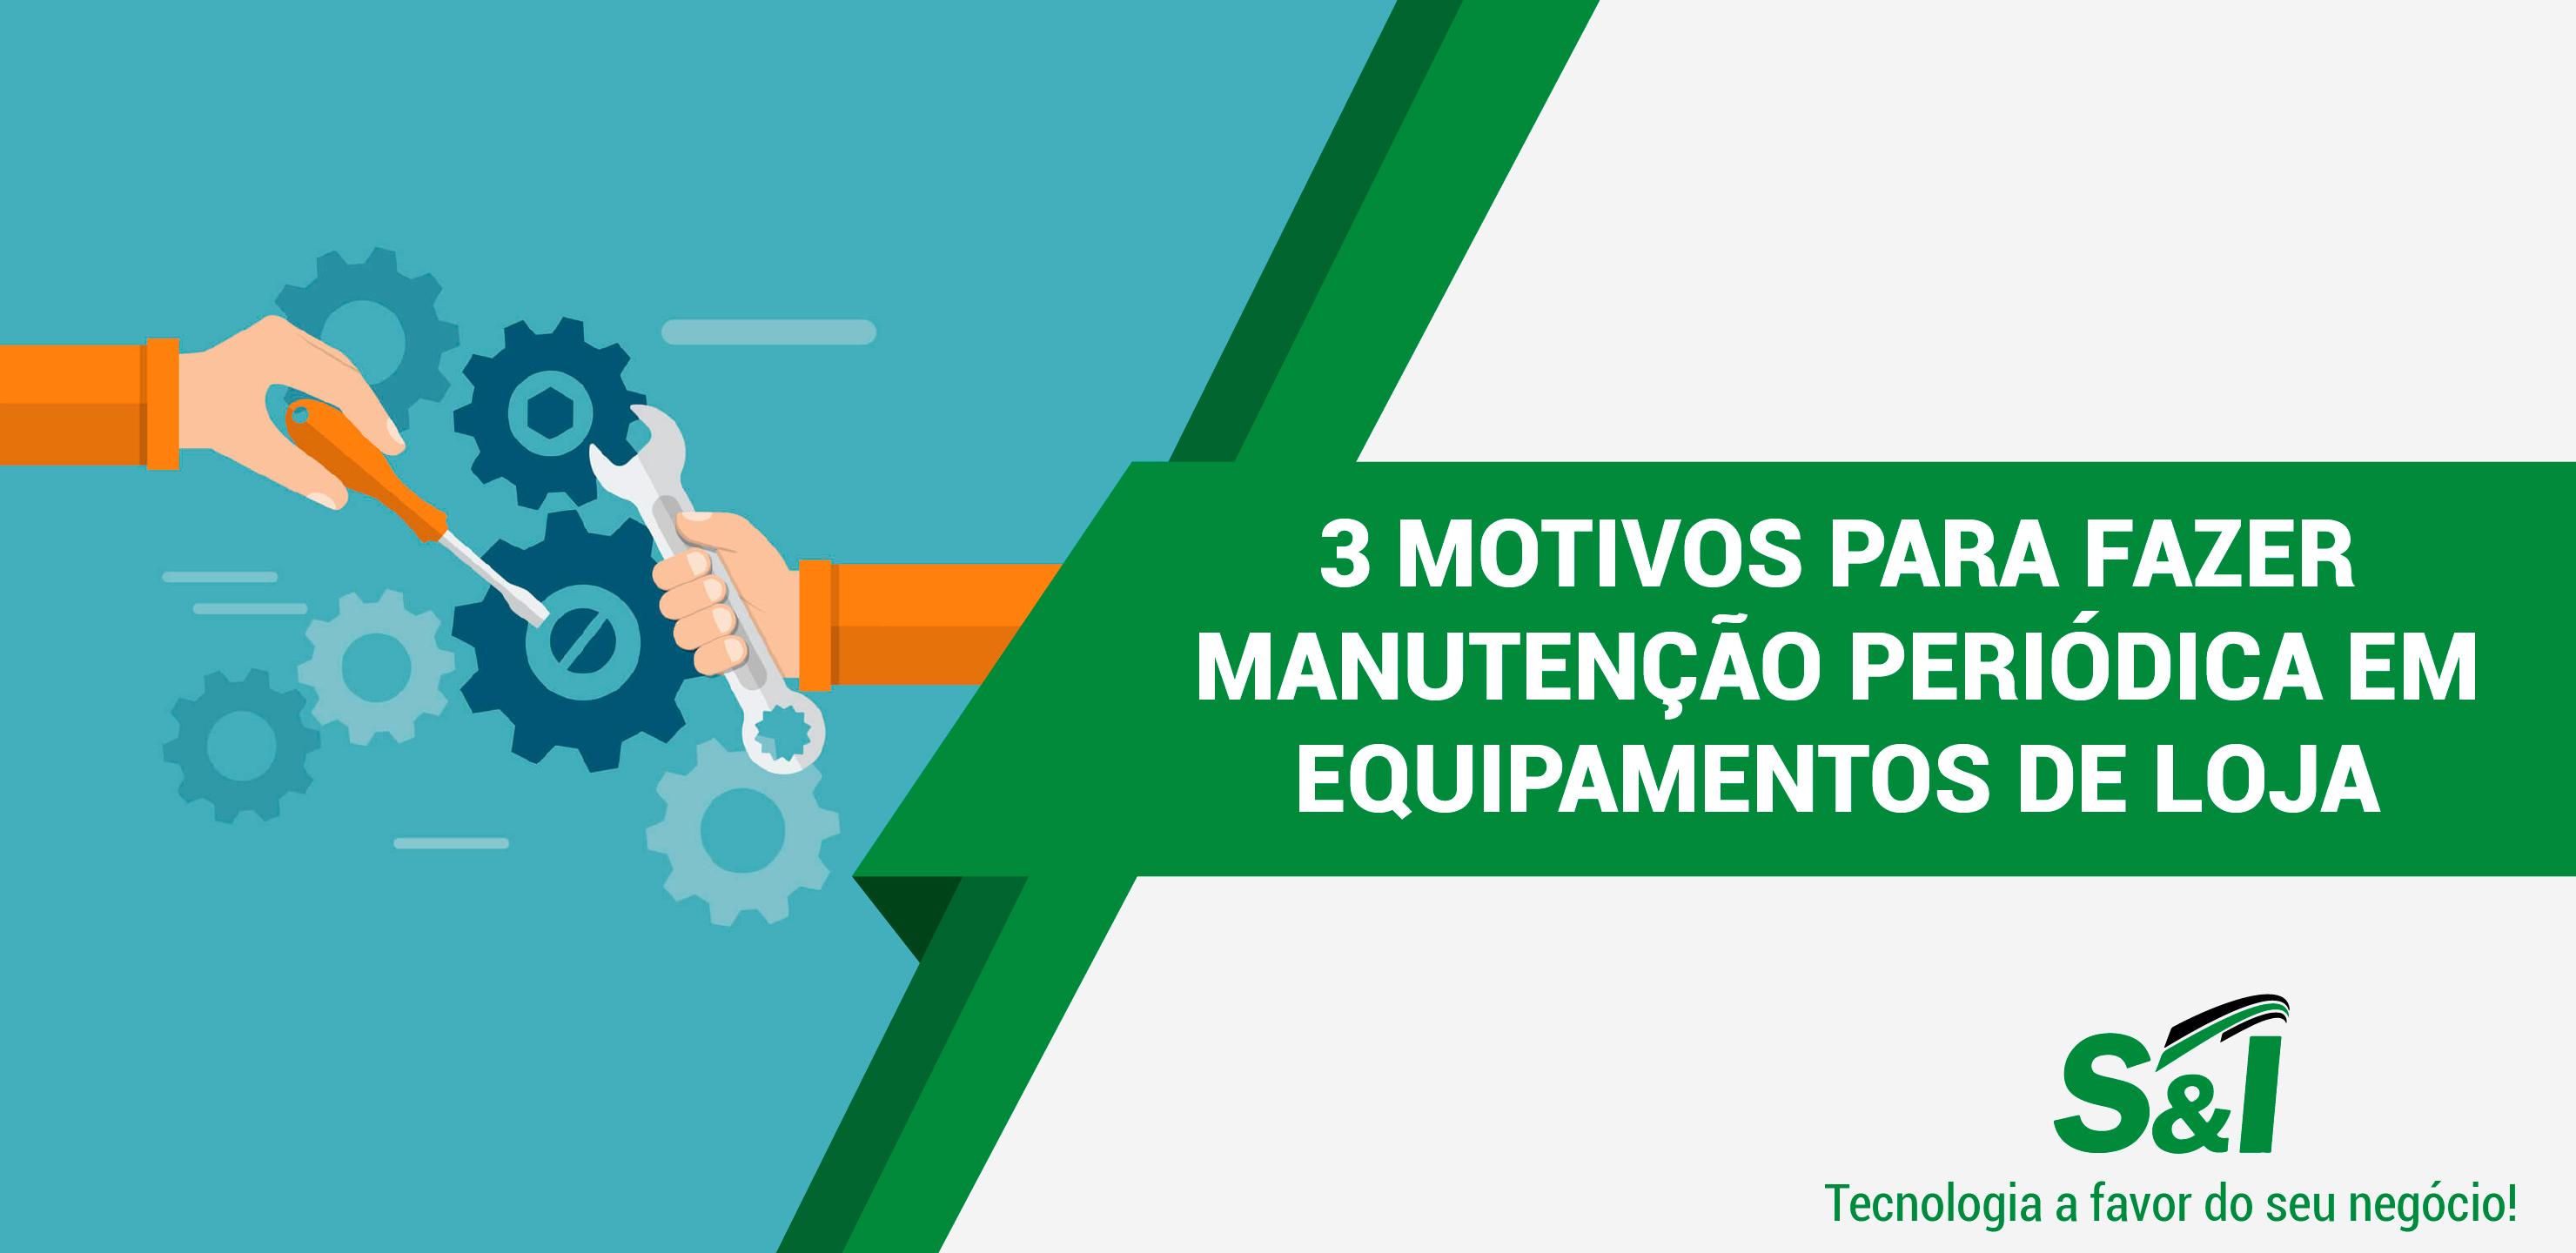 3 Motivos Para Fazer Manutenção Periódica Em Equipamentos De Loja